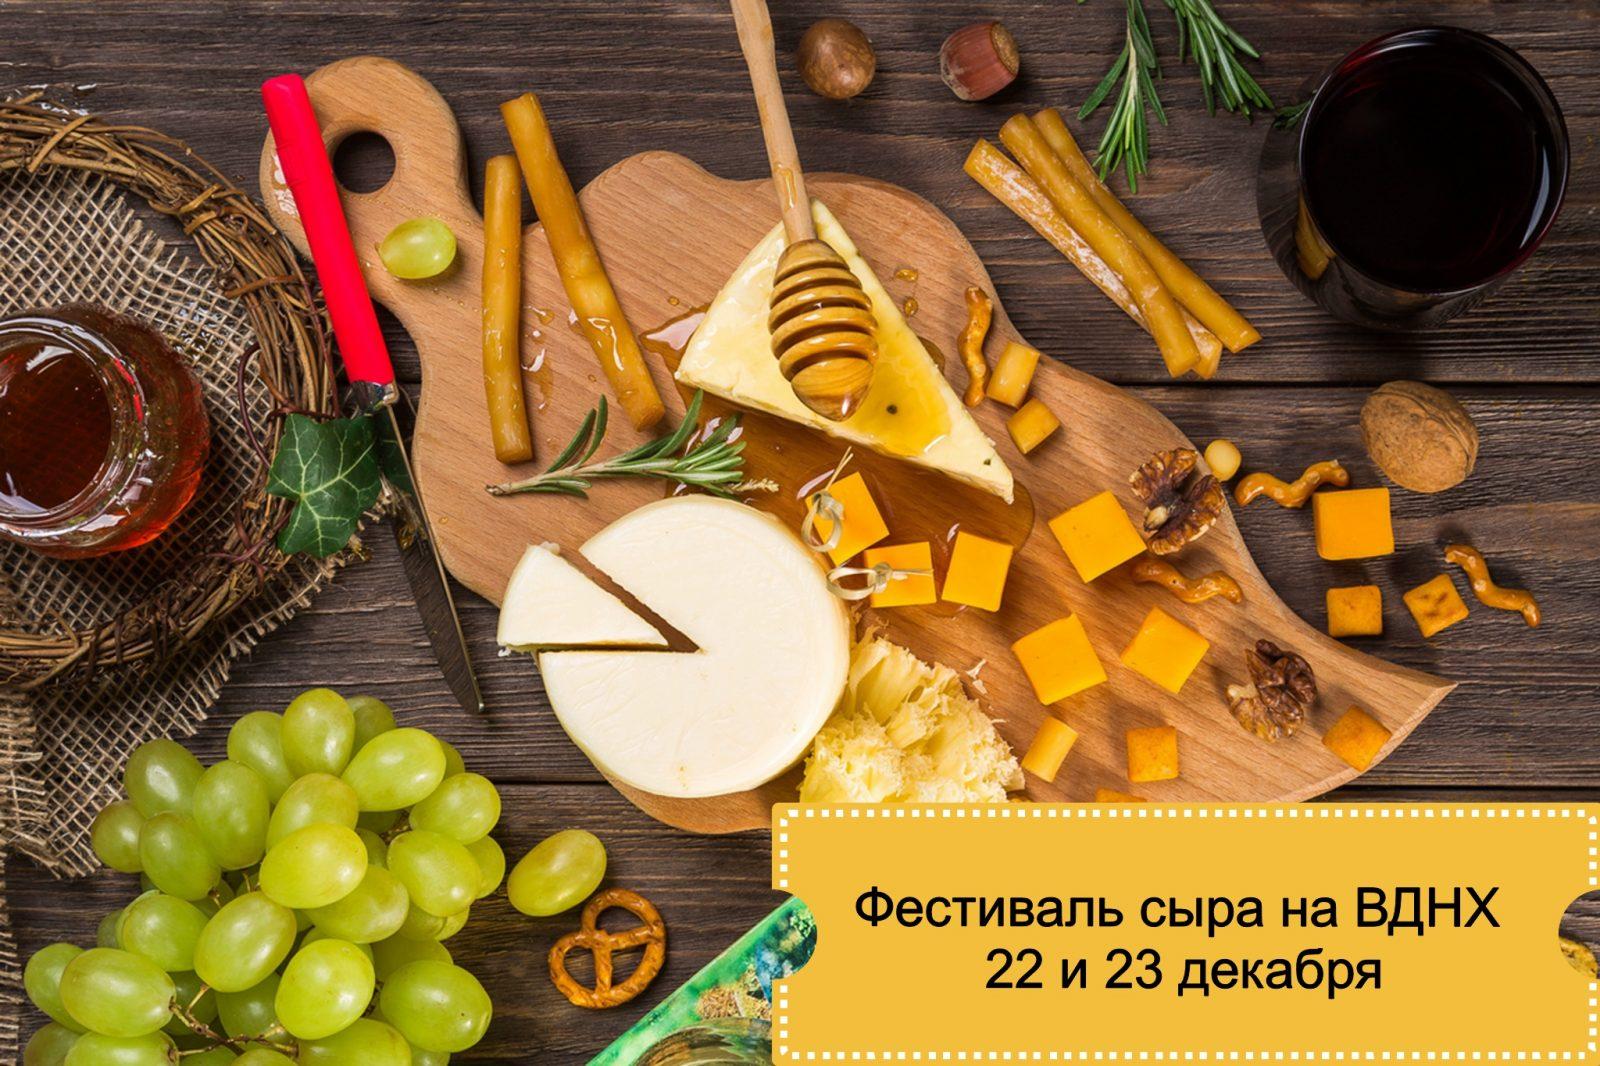 Фестиваль сыра на ВДНХ 22 и 23 декабря